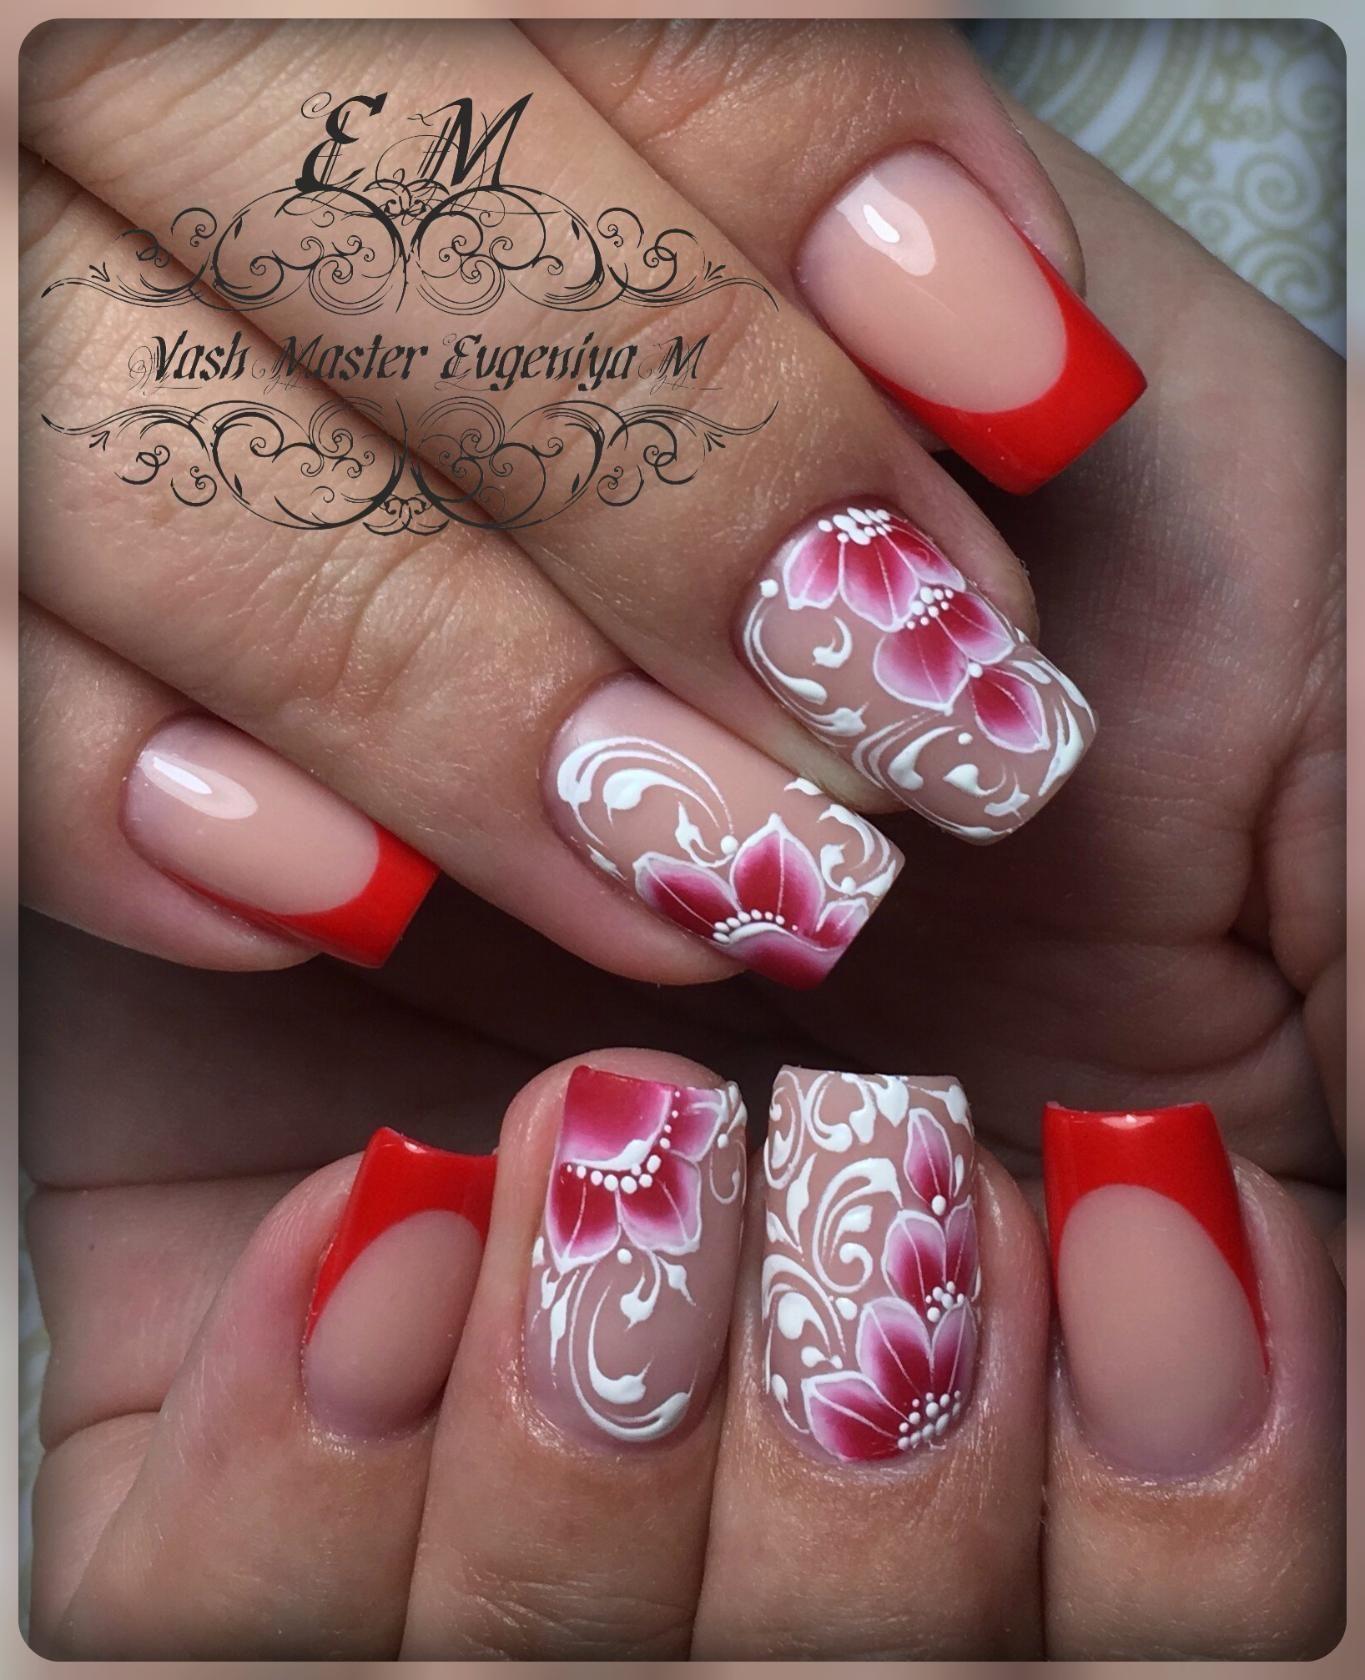 Фотография   Nail   Pinterest   Bling nails, Fabulous nails and ...